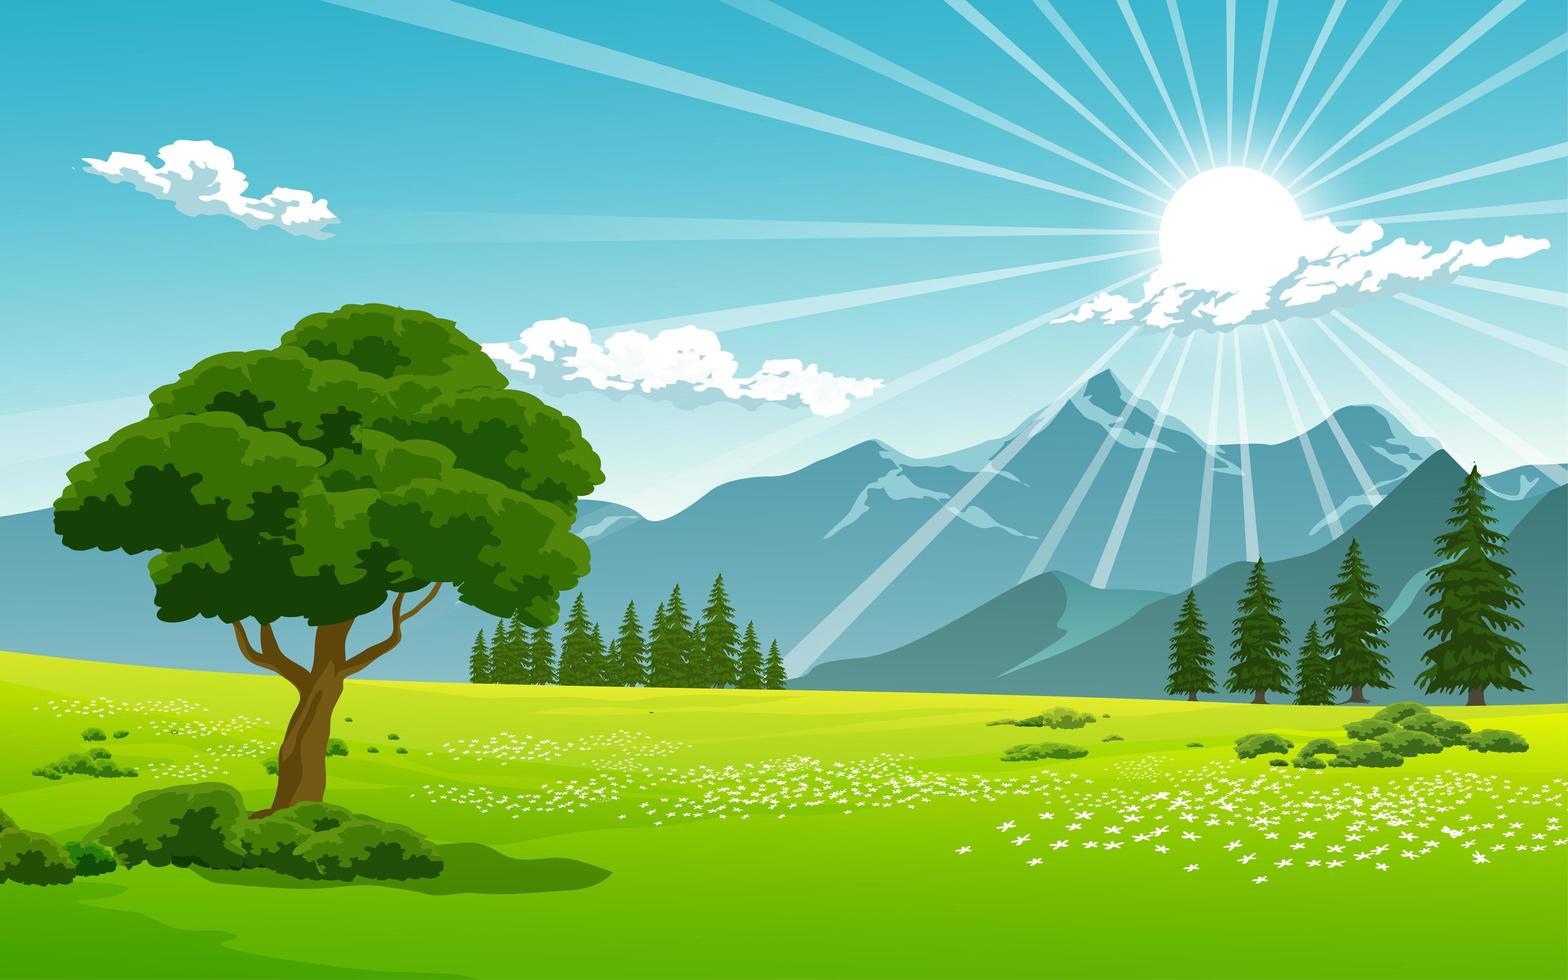 lever du soleil sur le paysage de la chaîne de montagnes vecteur